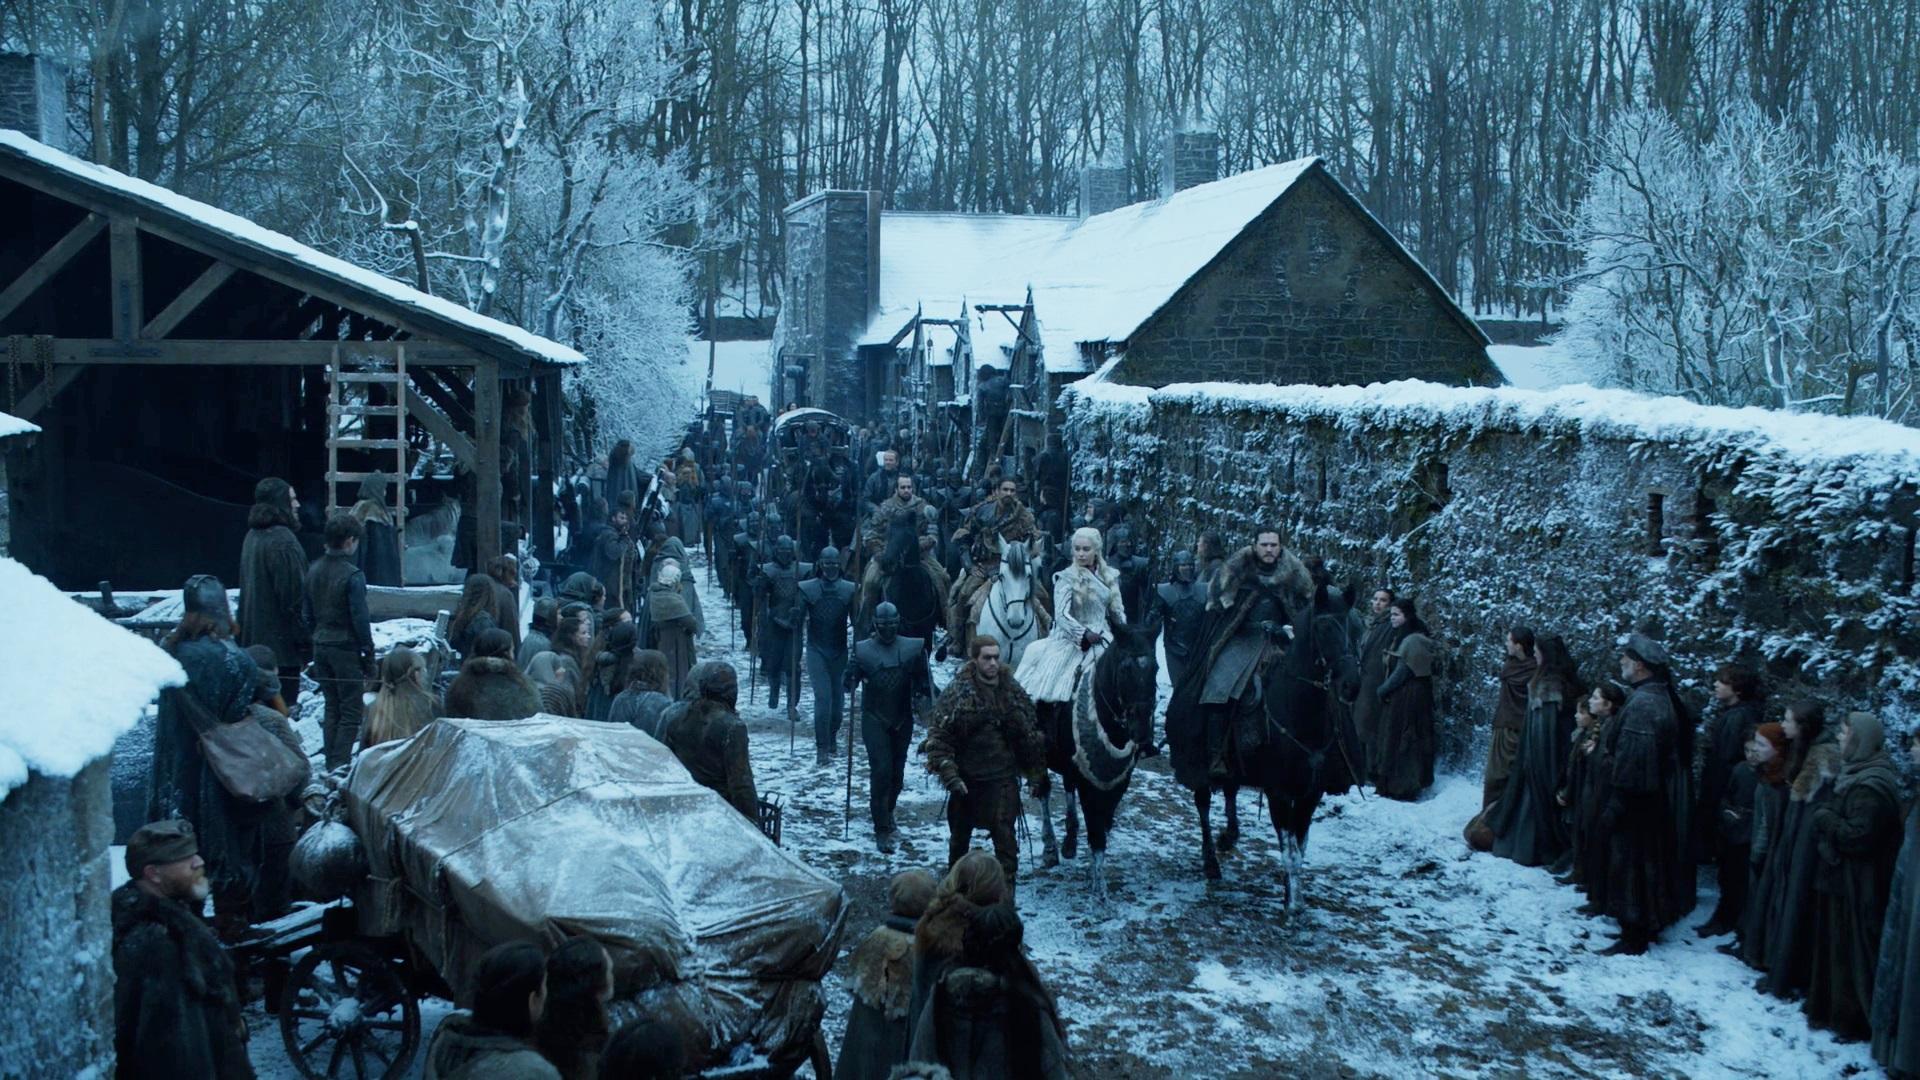 Jon Snow Daenerys Targaryen Unsullied Winterfell 801 Season 8